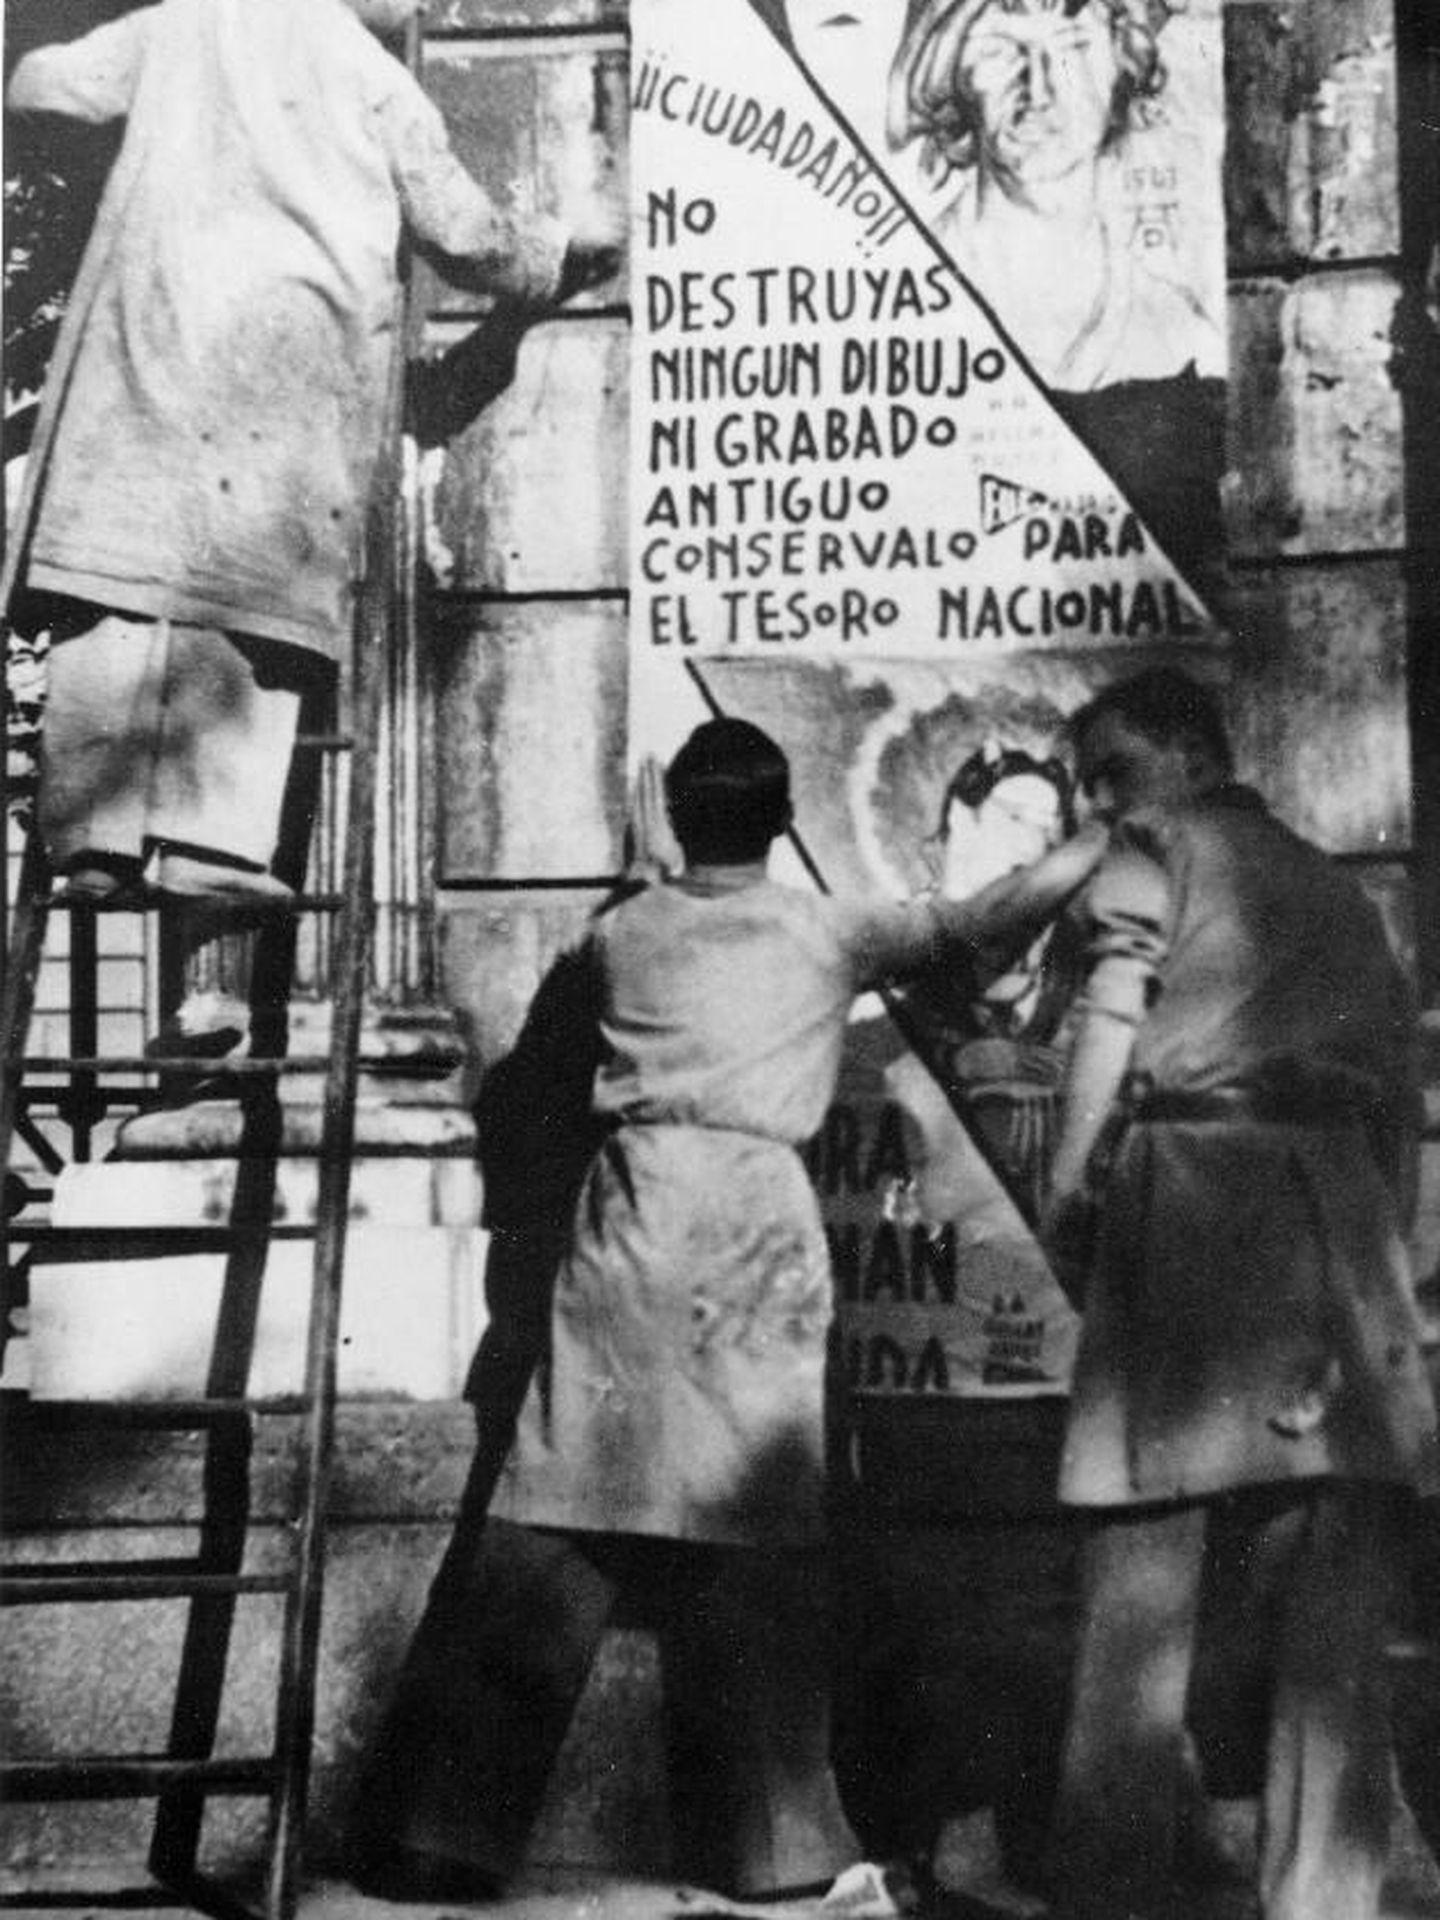 Pegada de carteles llamando a la conservación de obras de arte. (IPCE)